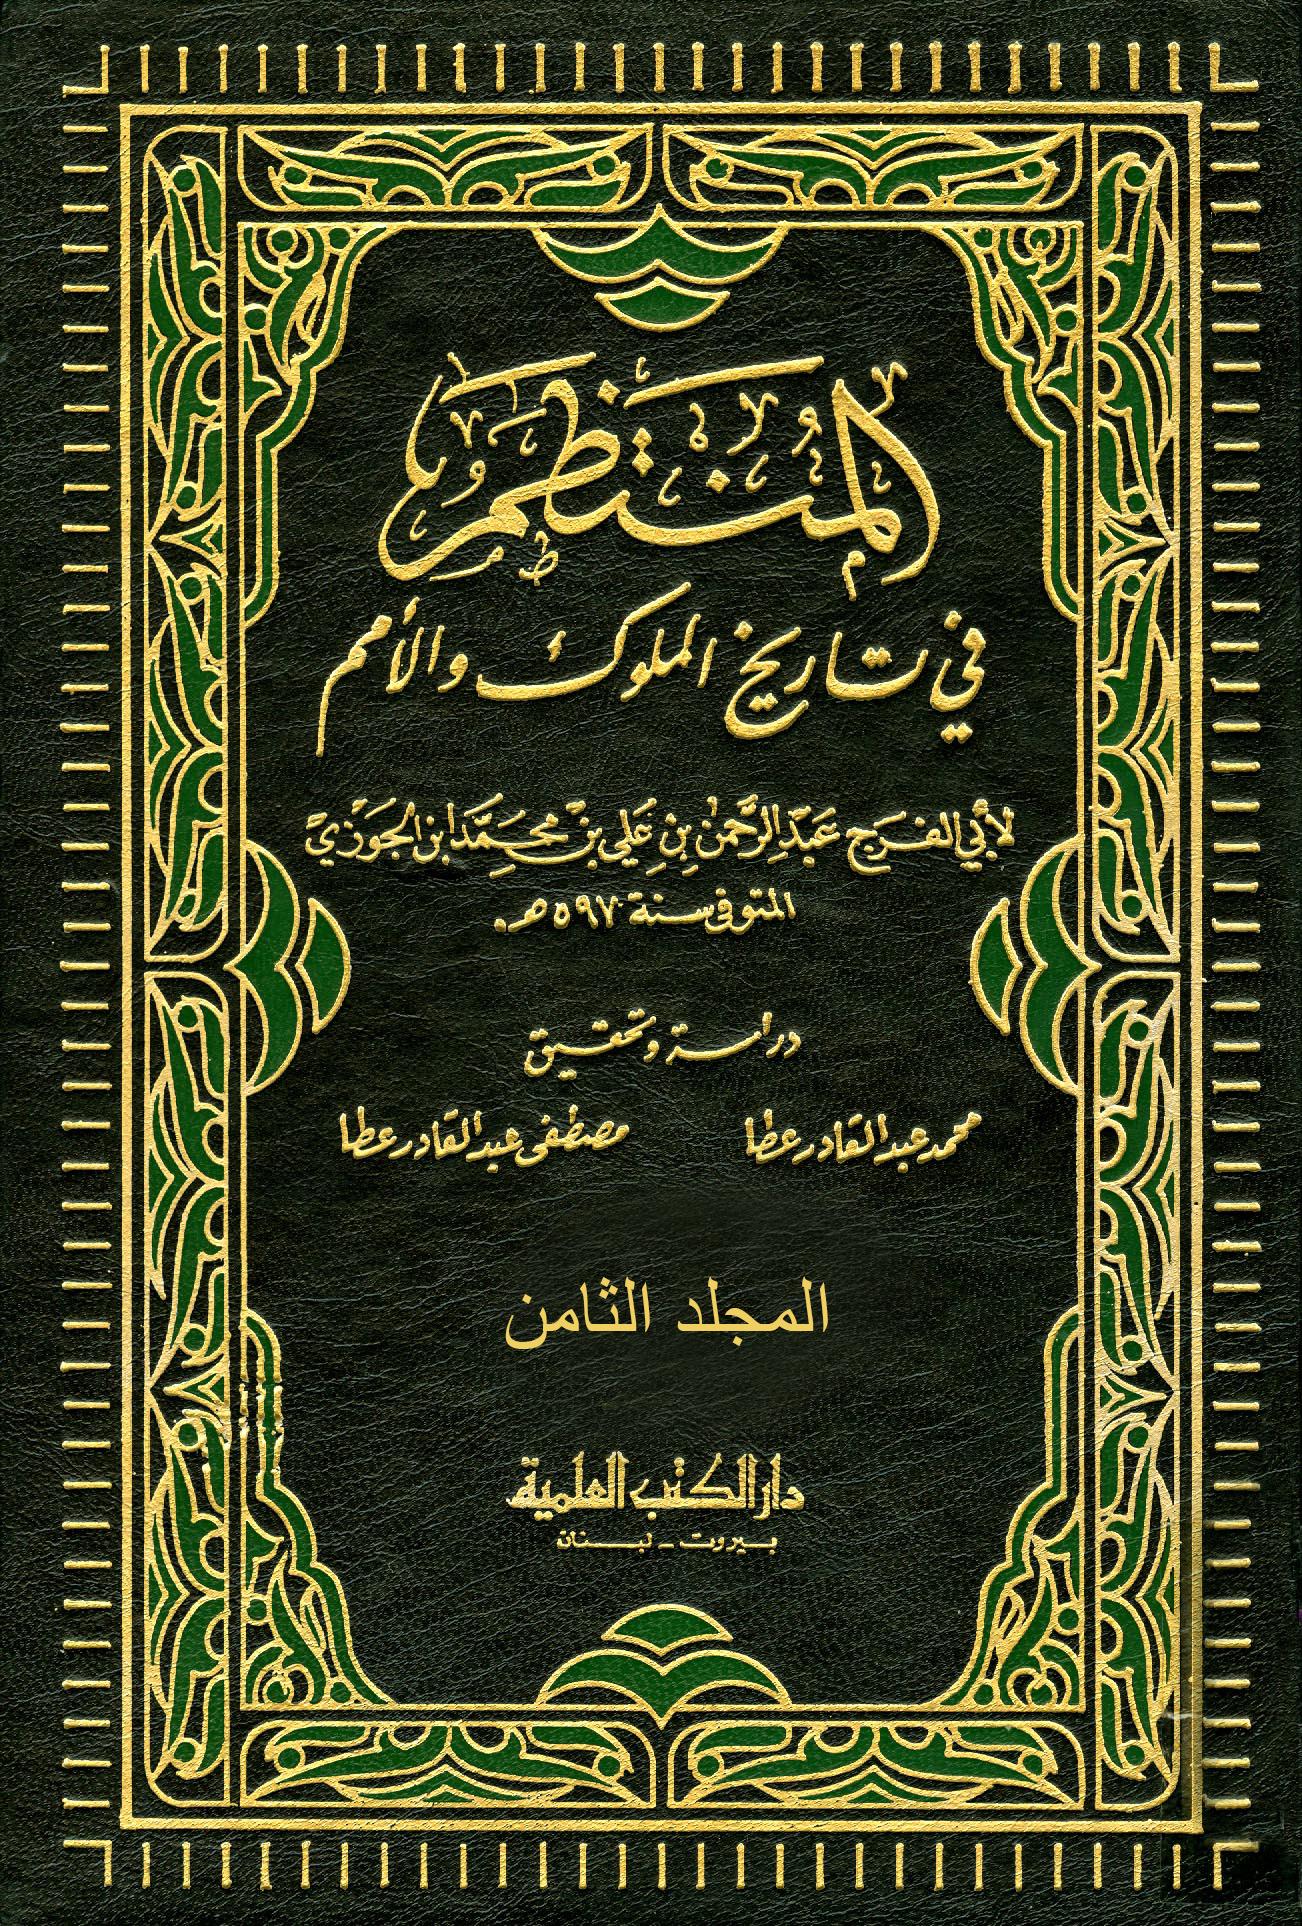 المنتظم في تاريخ الملوك والأمم - م 8 (137 هـ - 173 هـ)